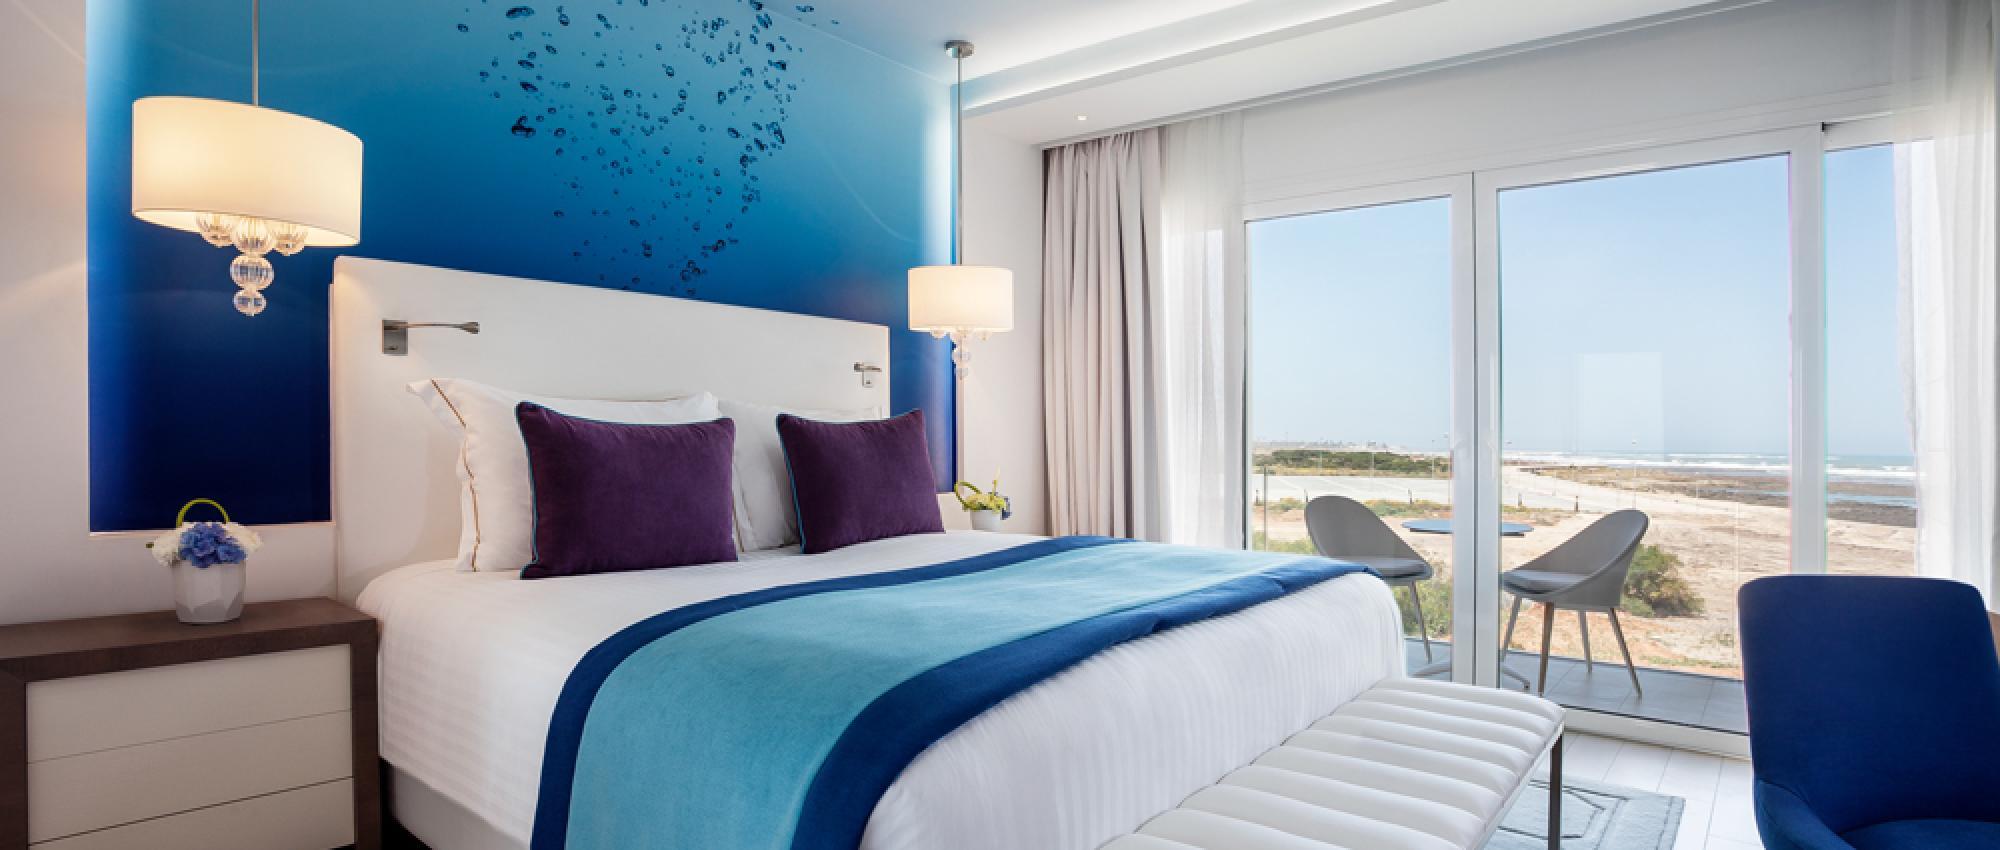 Deluxe Suite hotel Casablanca (GB) - Deluxe Suite hotel Casablanca